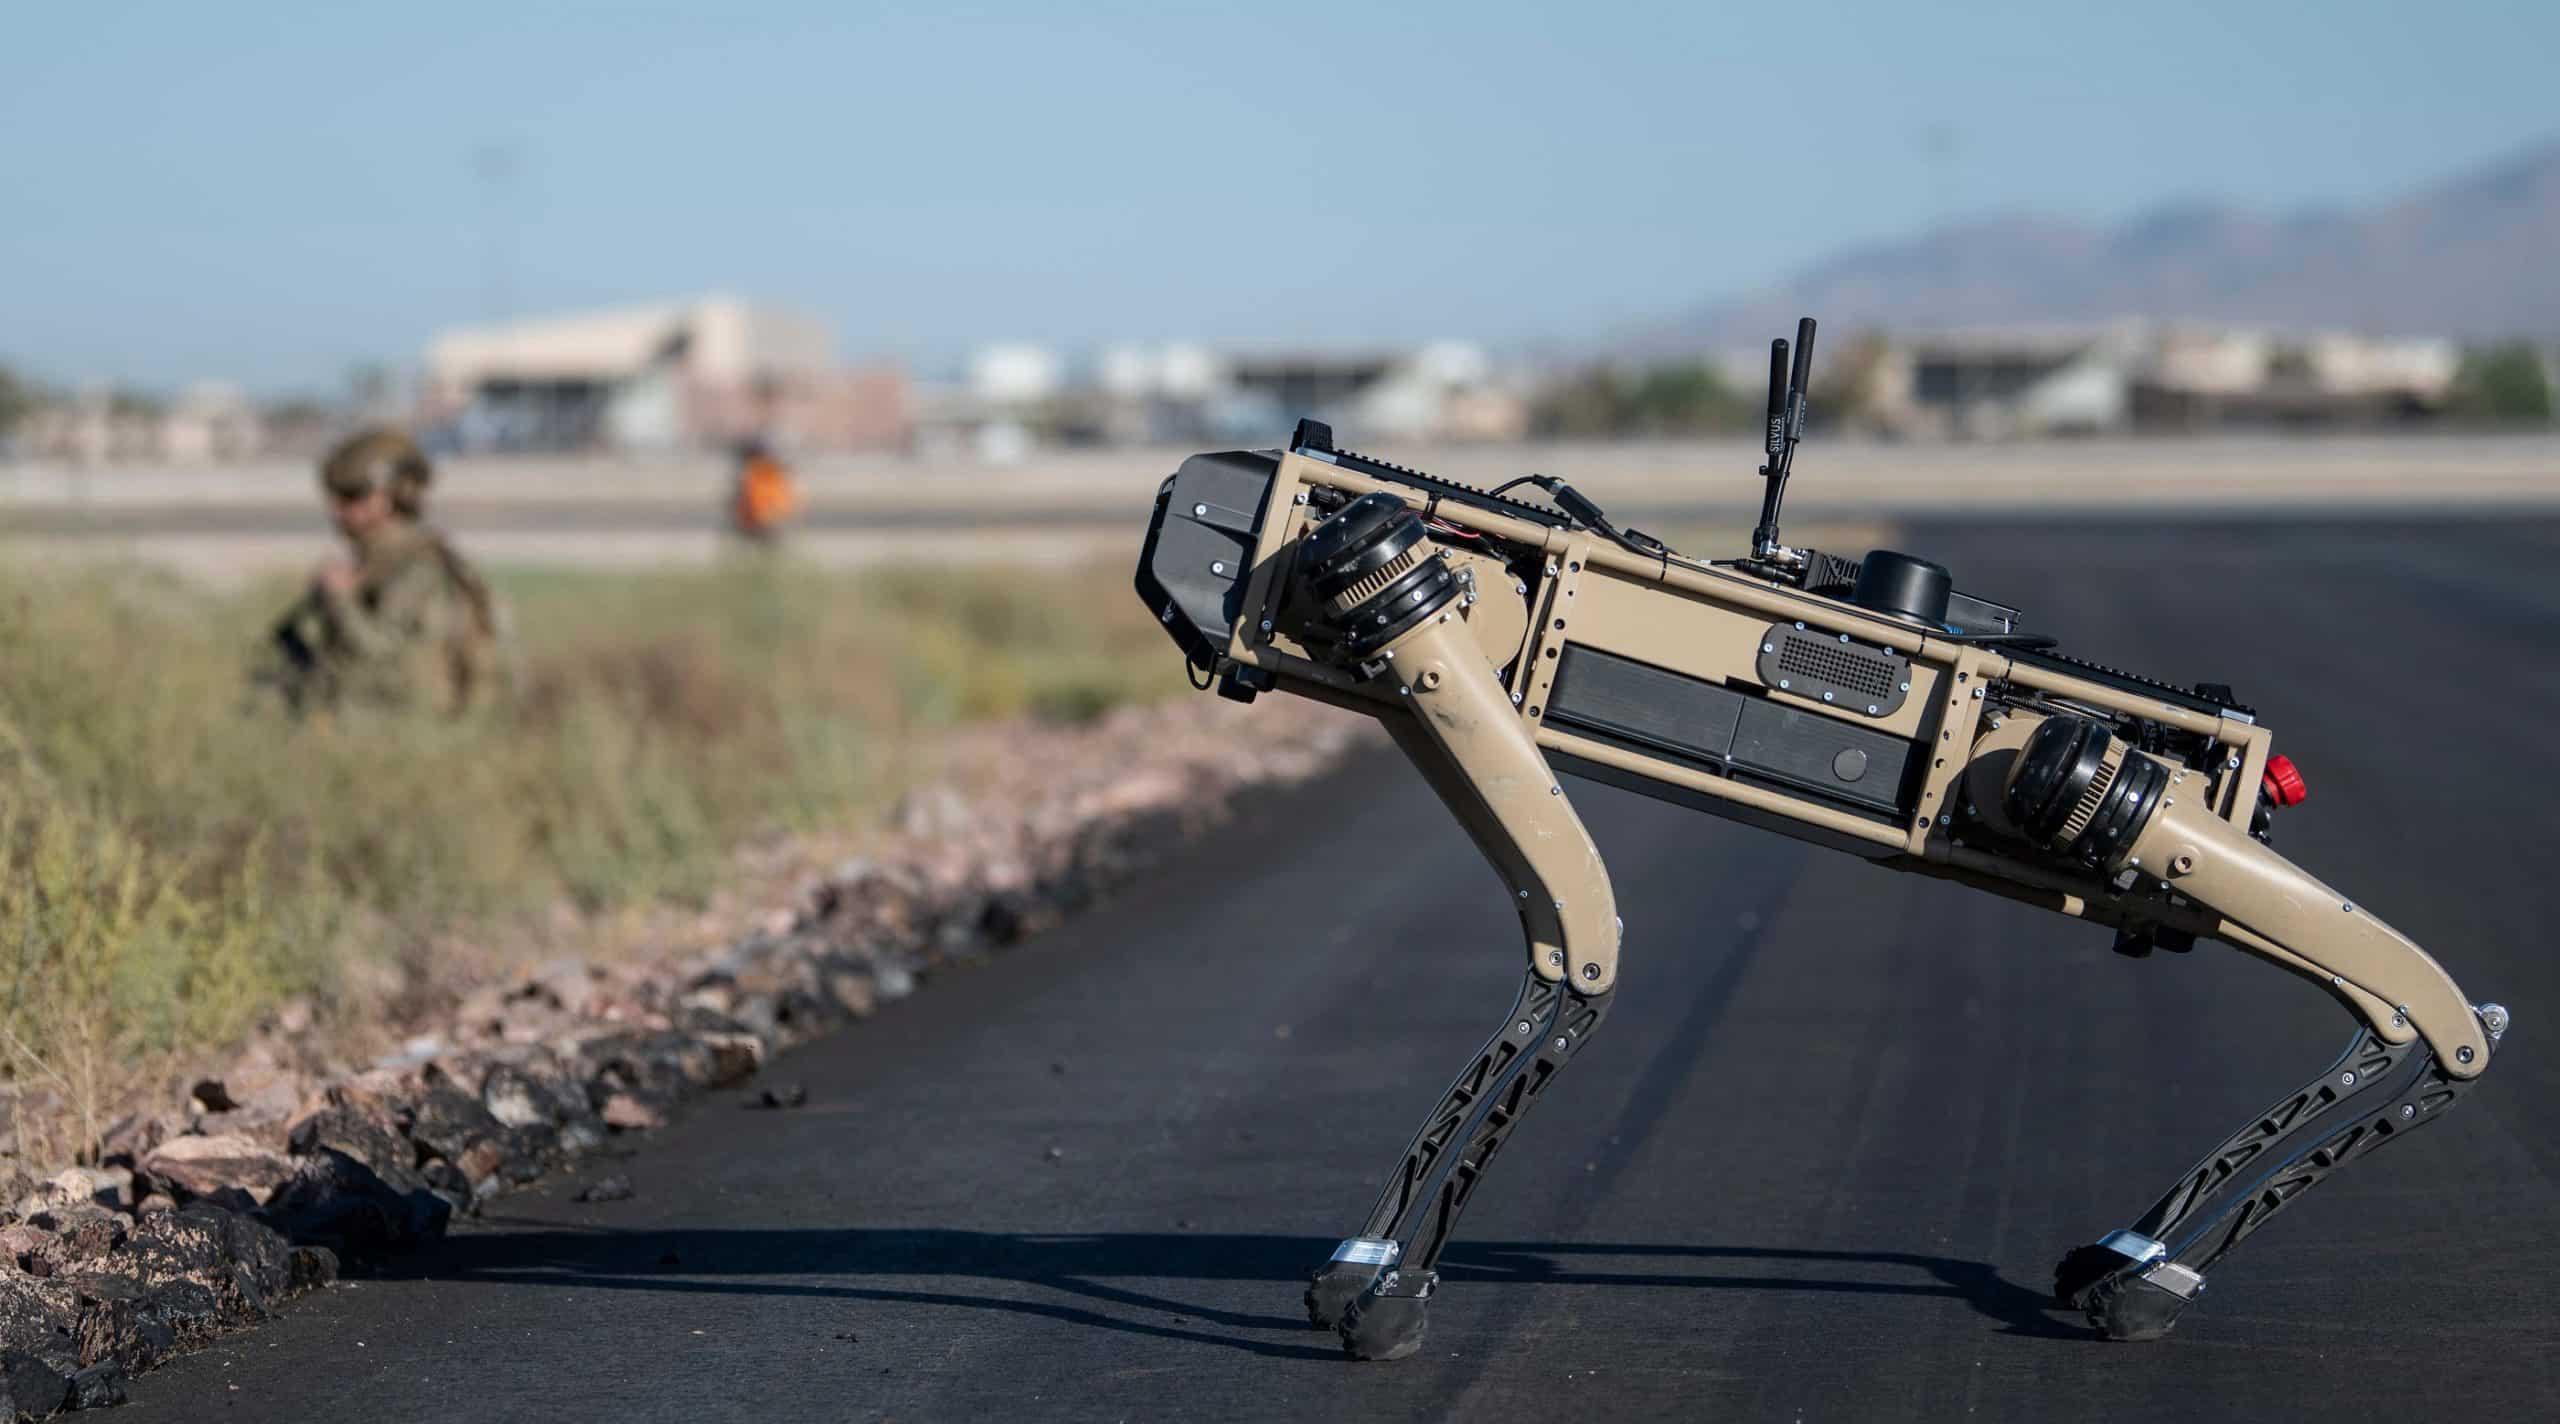 Ratovanje budućnosti: Robotski psi pridružili su se vježbi američkih vojnika